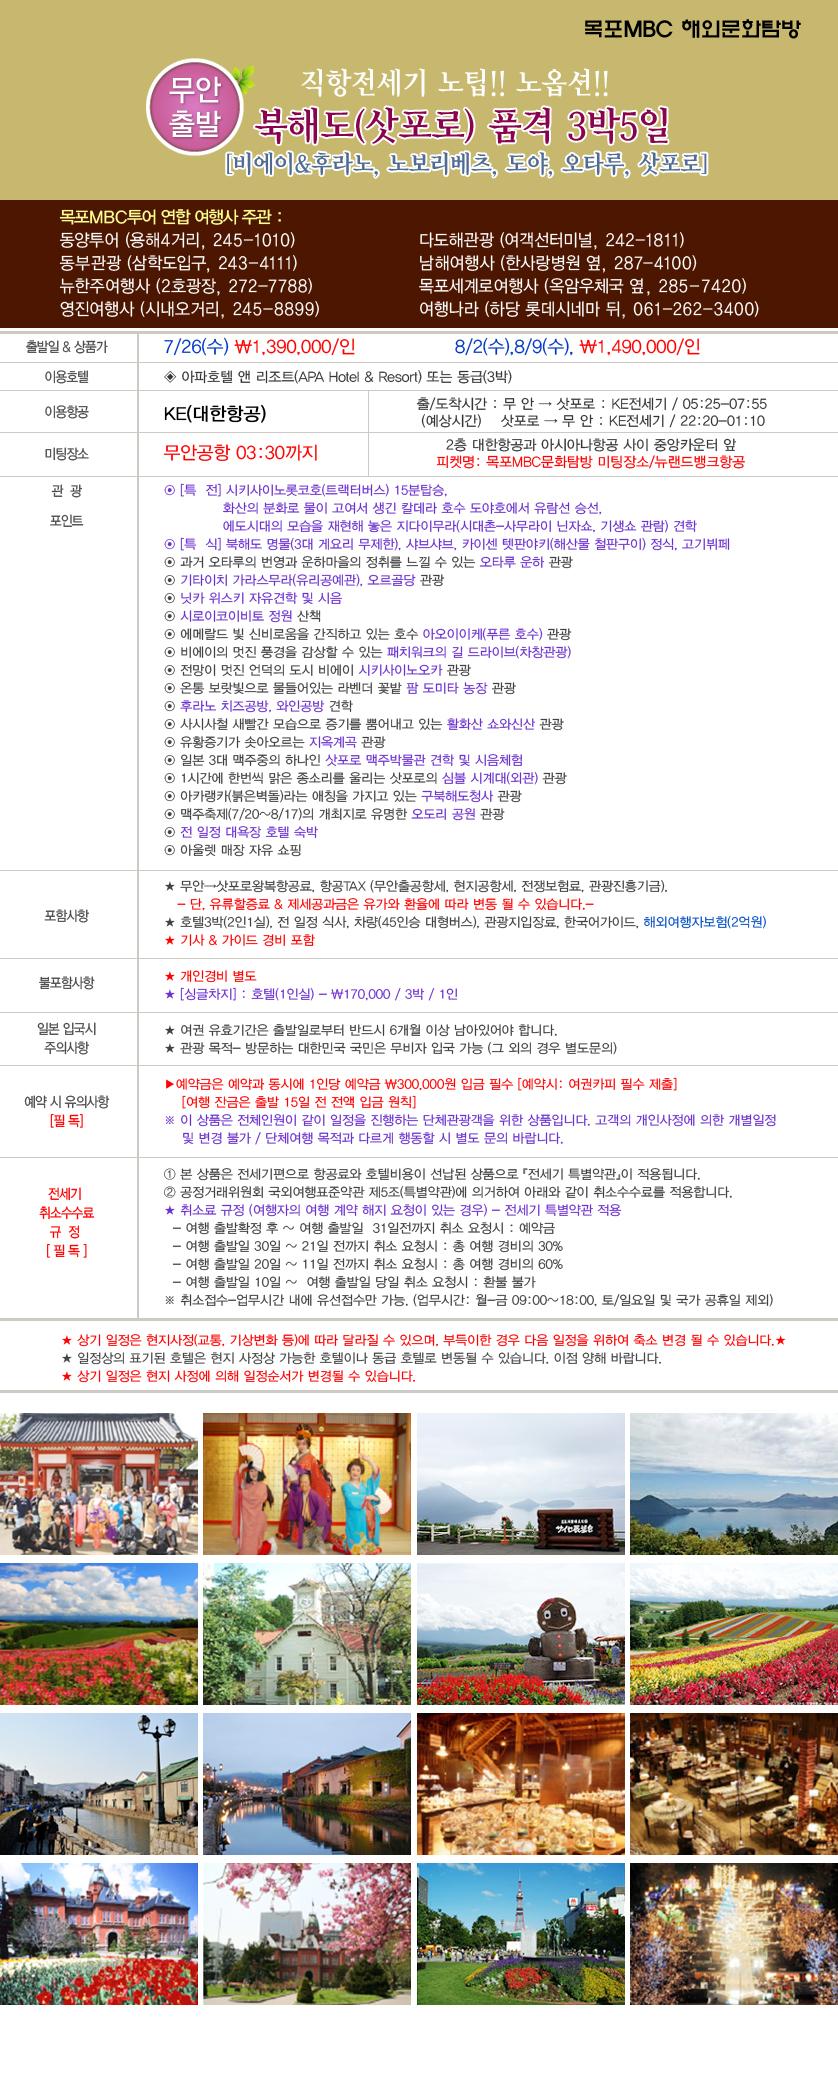 북해도(삿포로) 품격 3박5일 행사정보